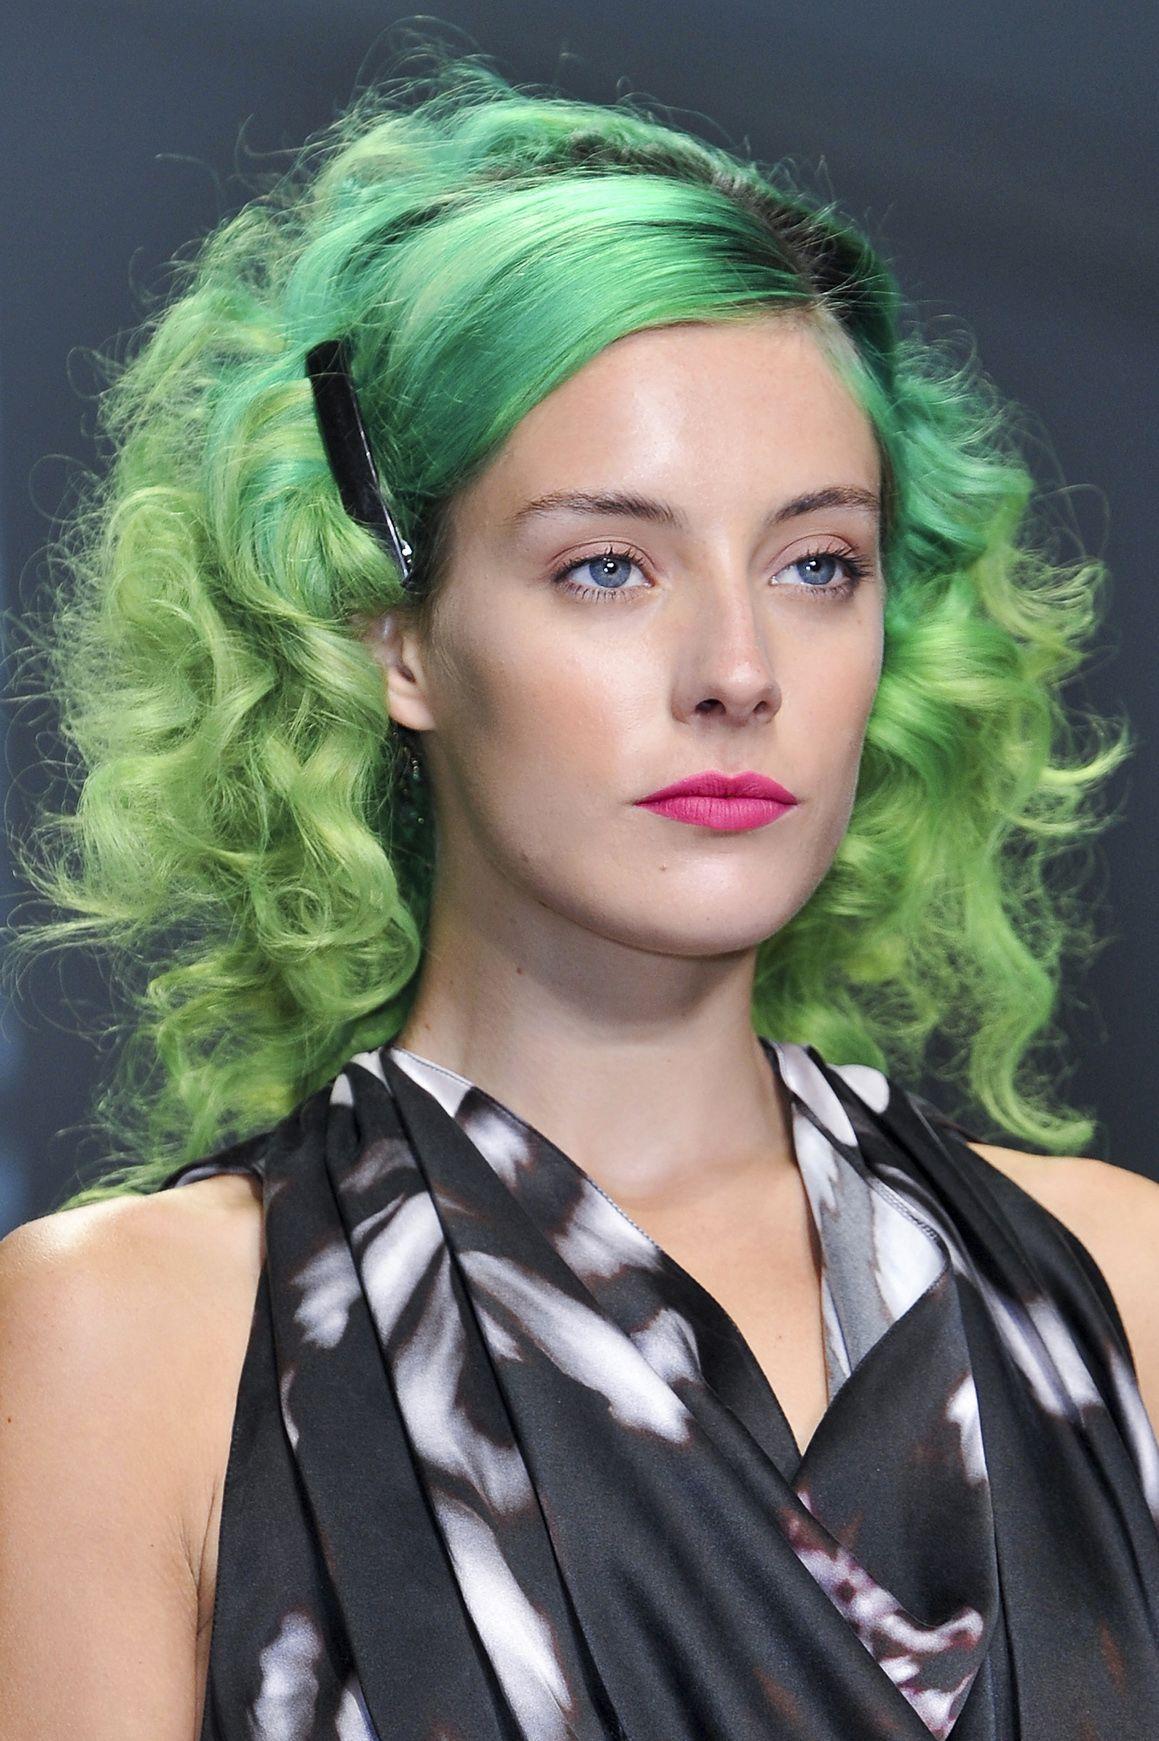 Molto Chloe Norgaard, acconciature di primavera con i capelli verdi CW09